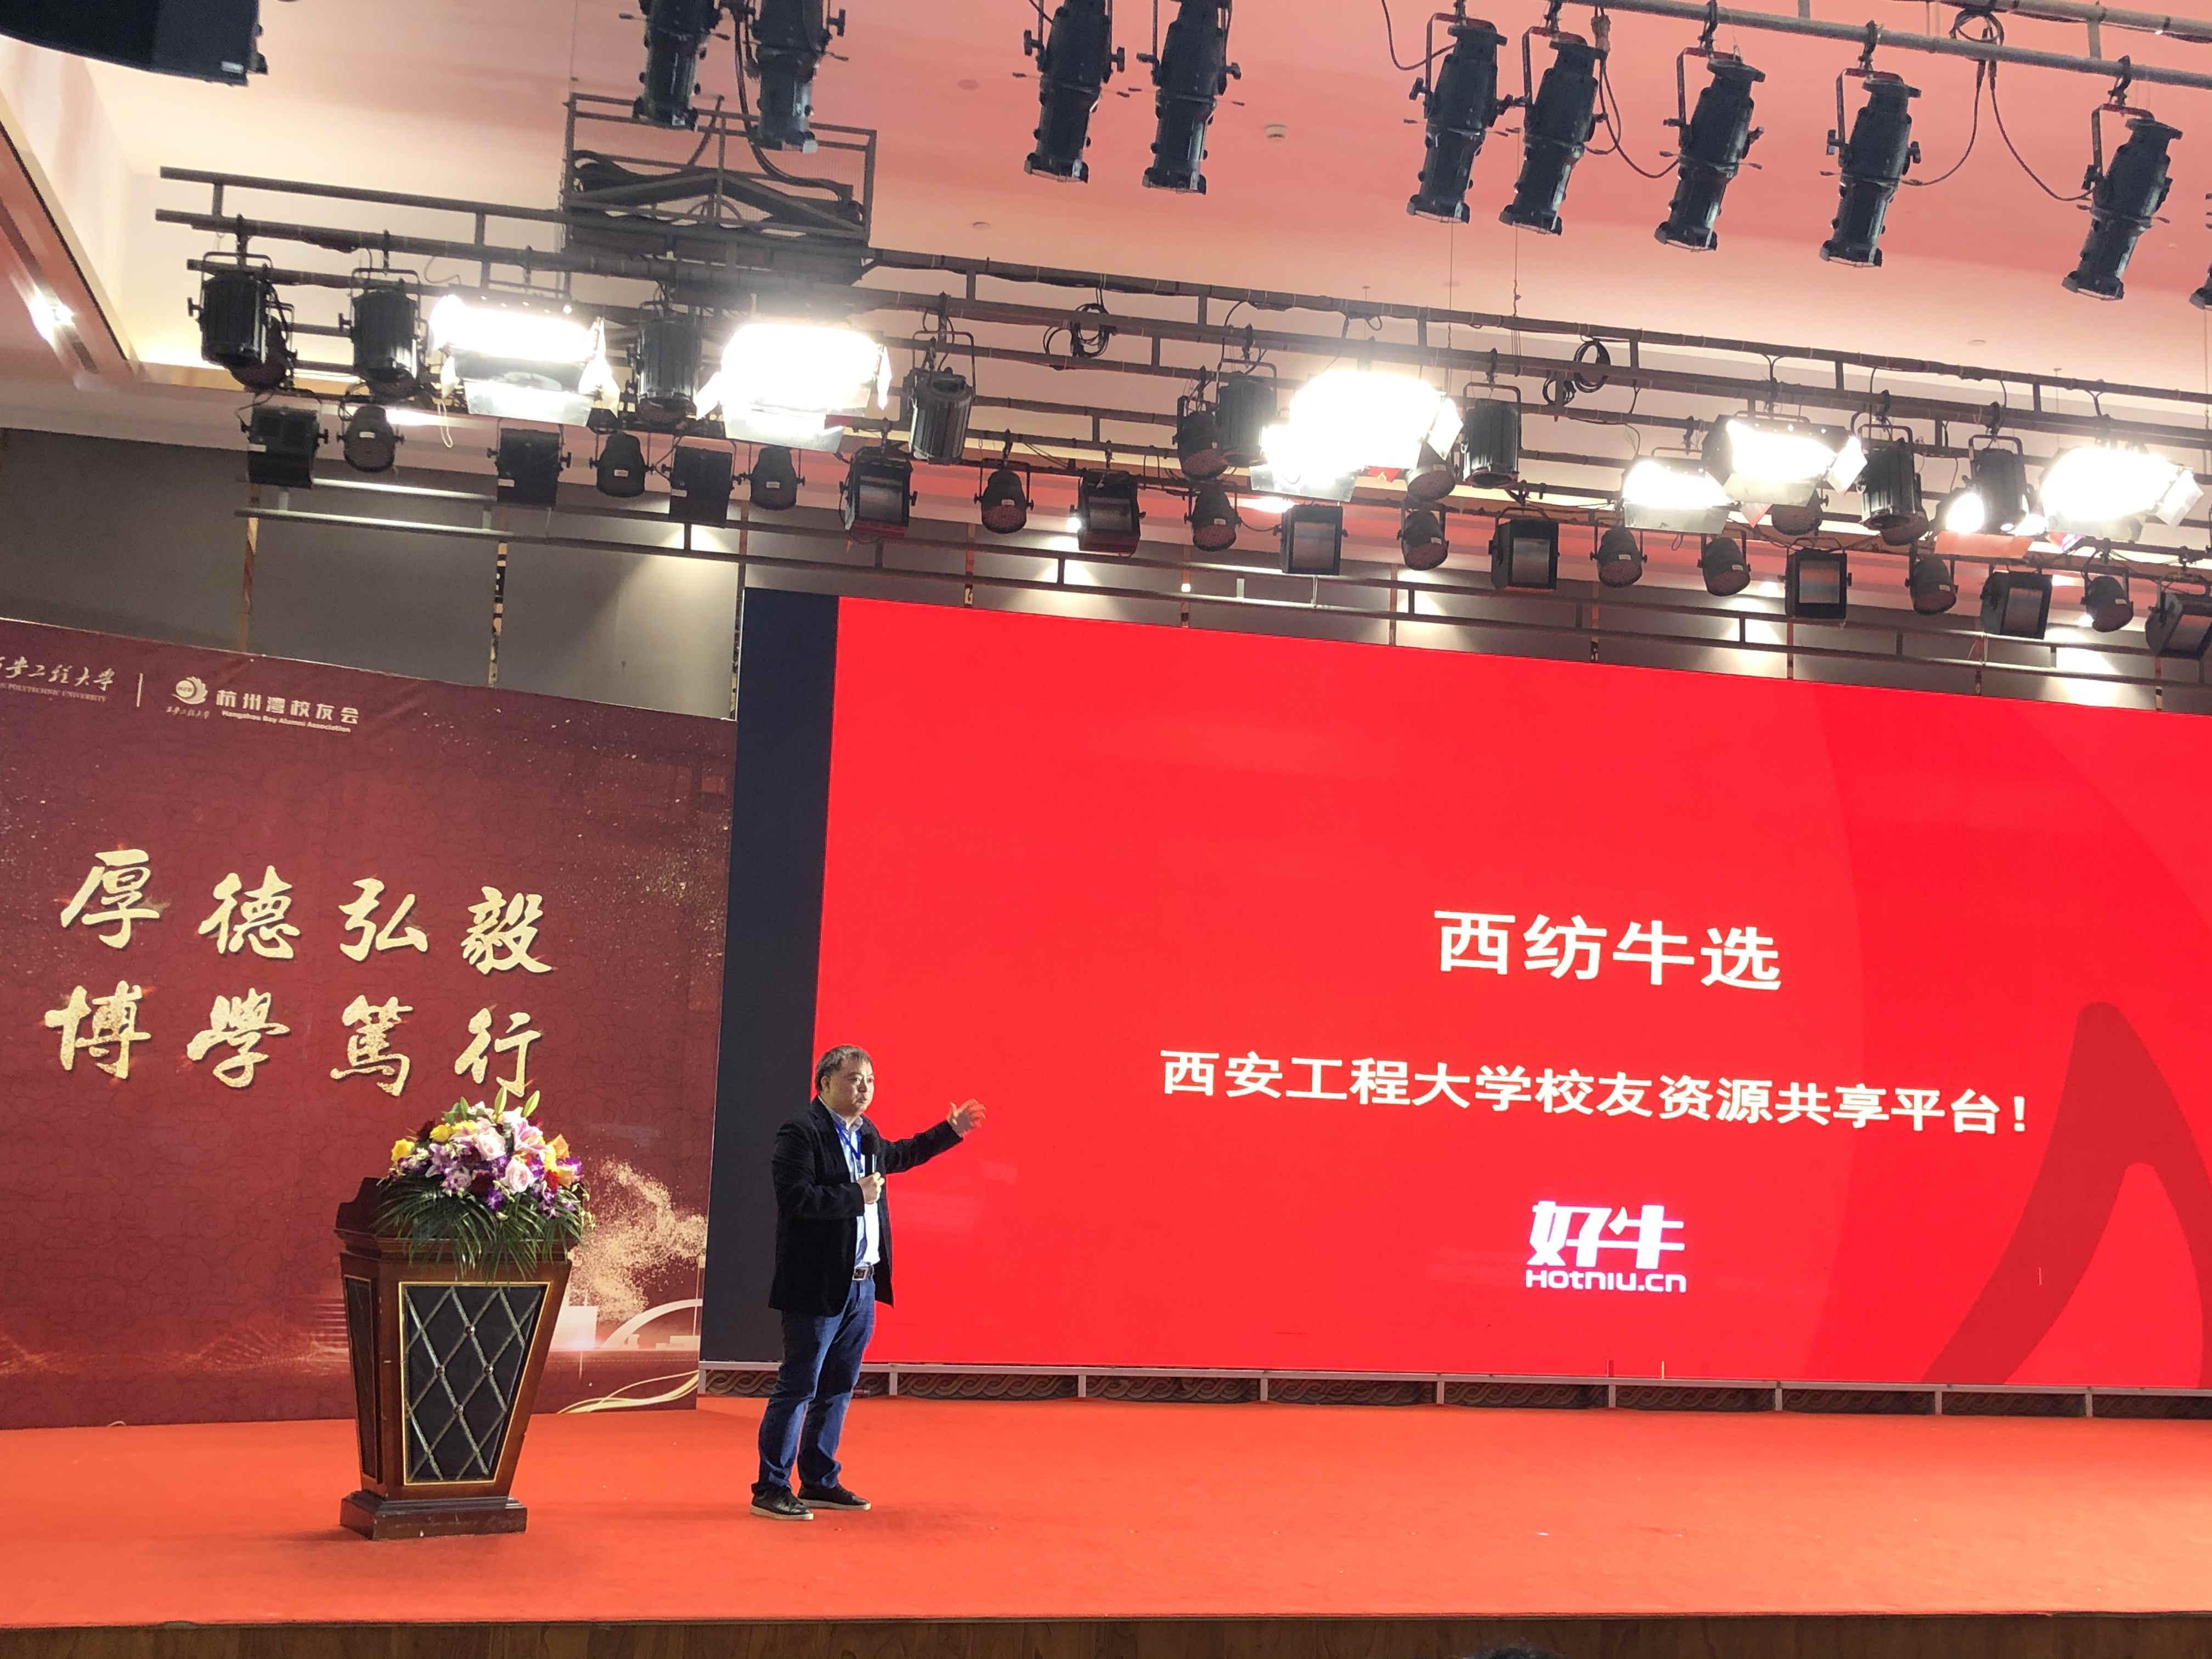 西纺牛选平台亮相西安工程大学2020杭州